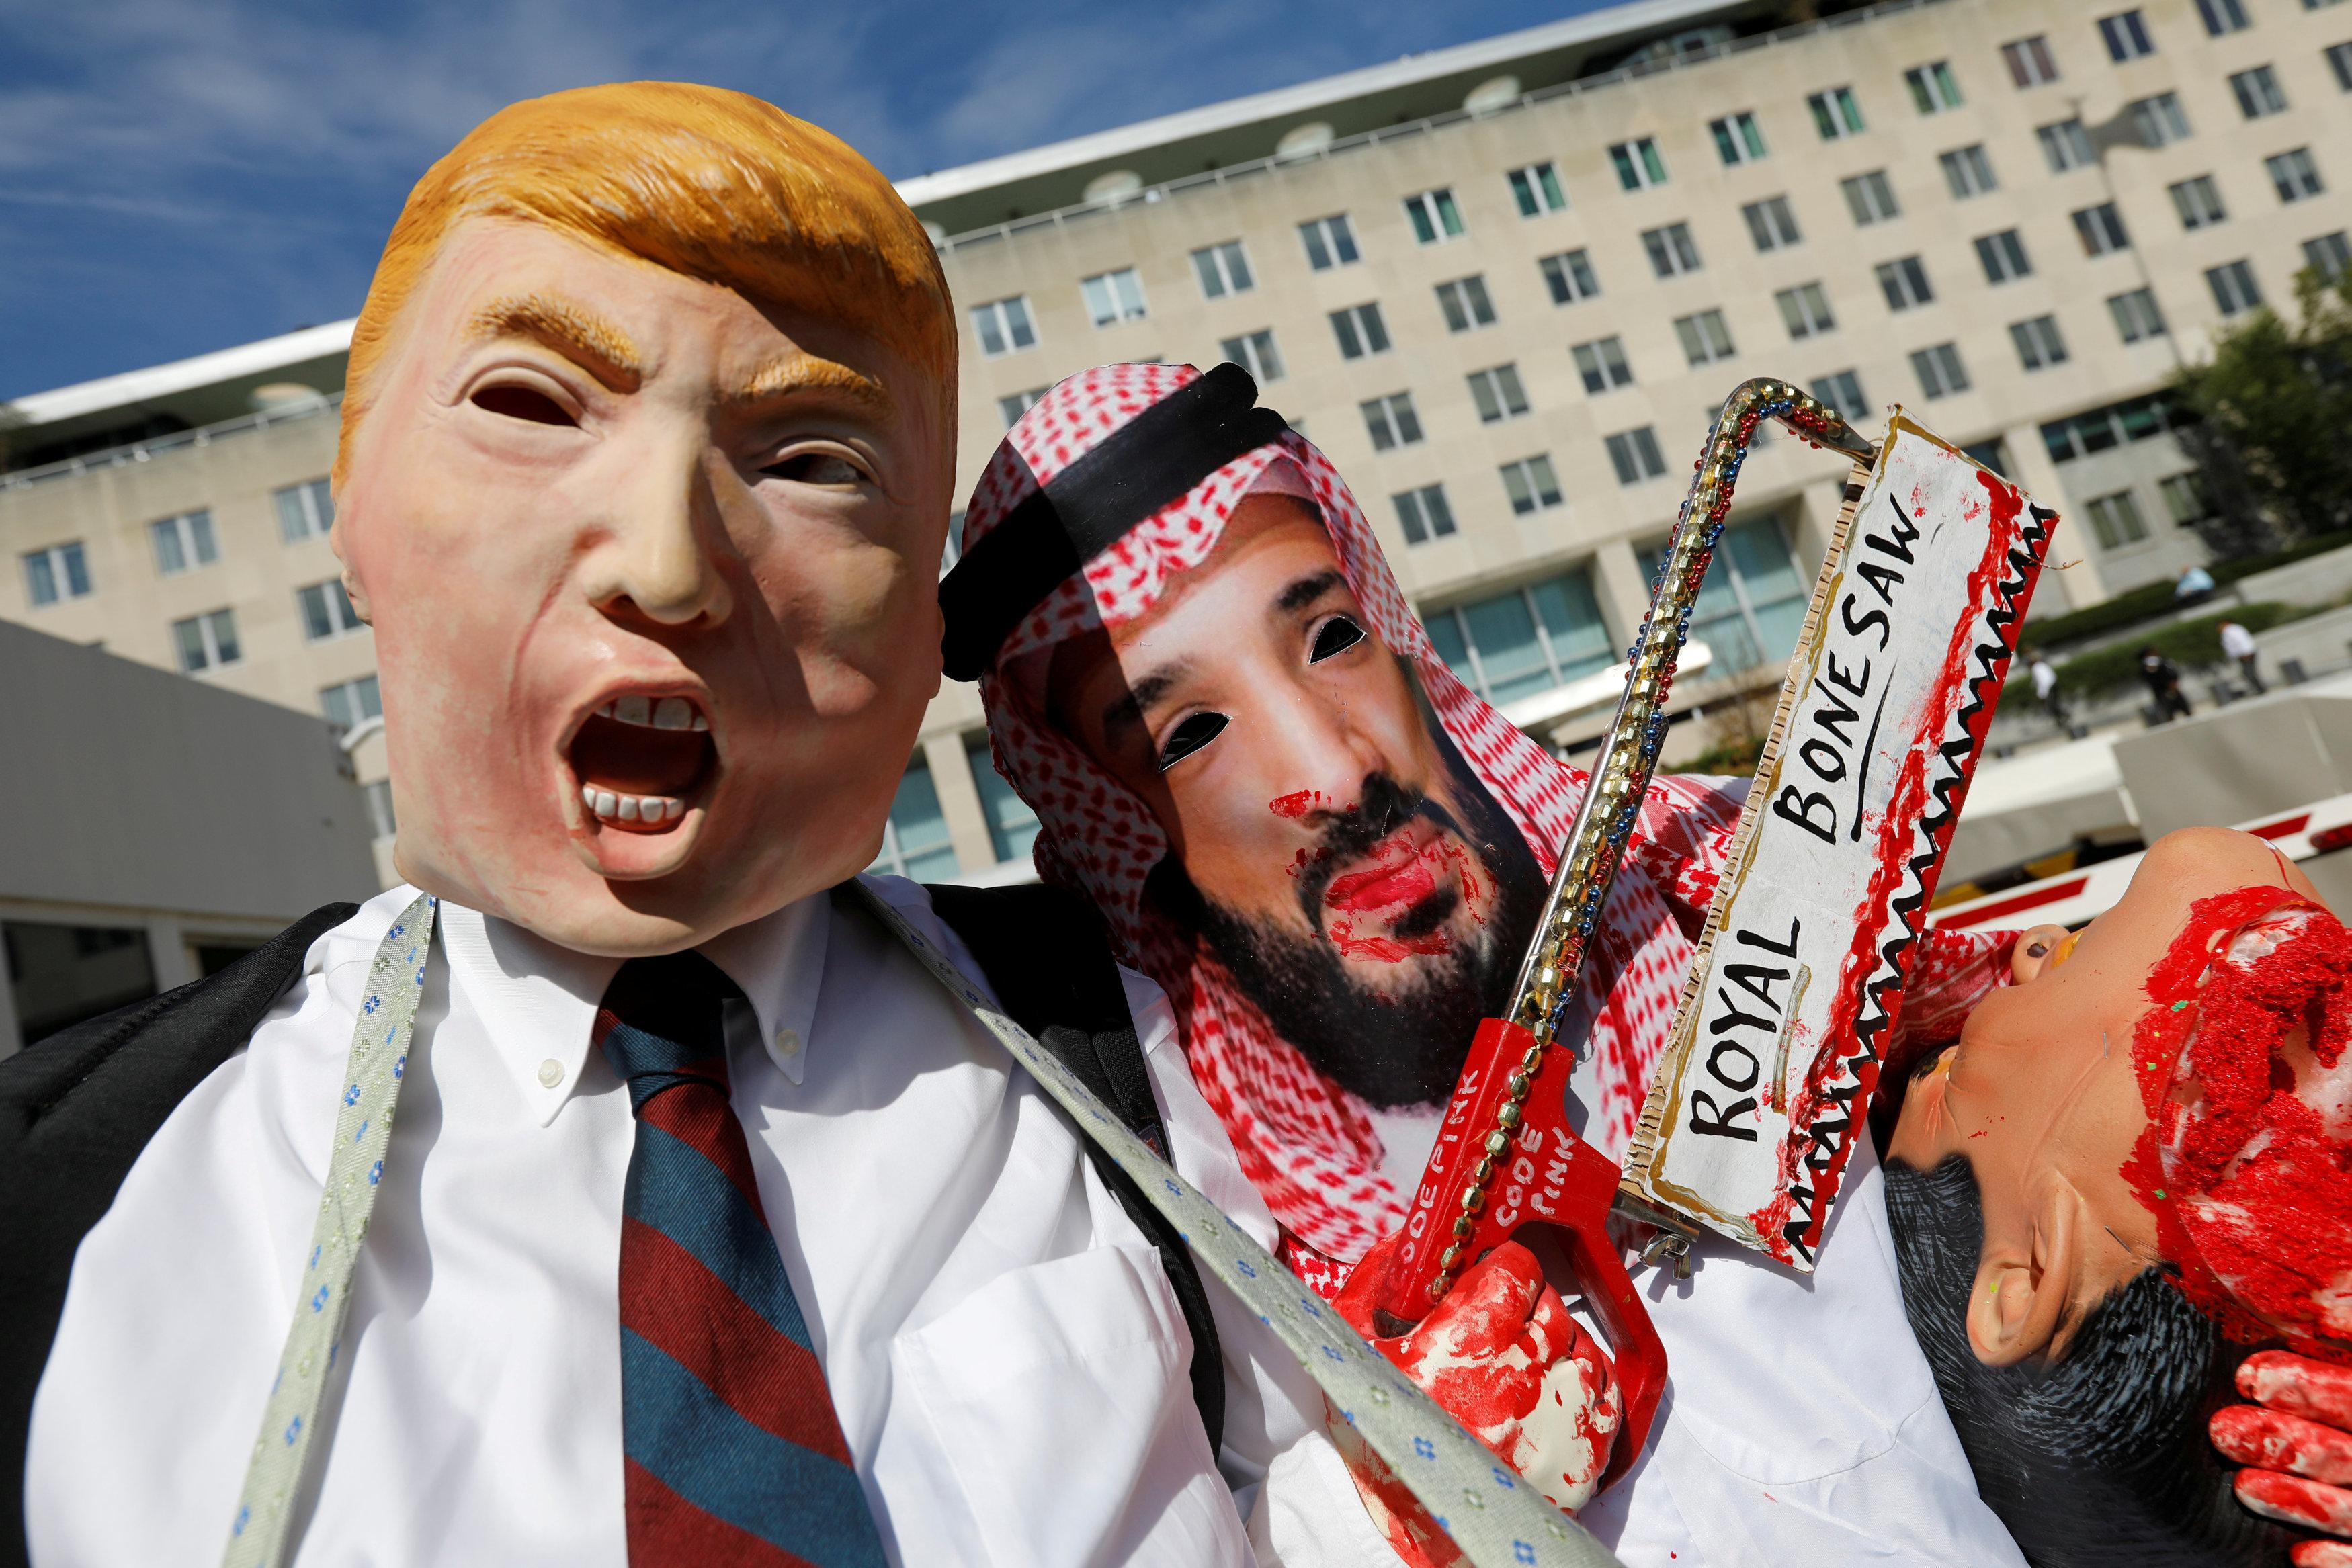 Η Σ.Αραβία αποδίδει τον θάνατο Κασόγκι σε απλή «αψιμαχία» με 18 άτομα και ο Τραμπ βαφτίζει αξιόπιστη την